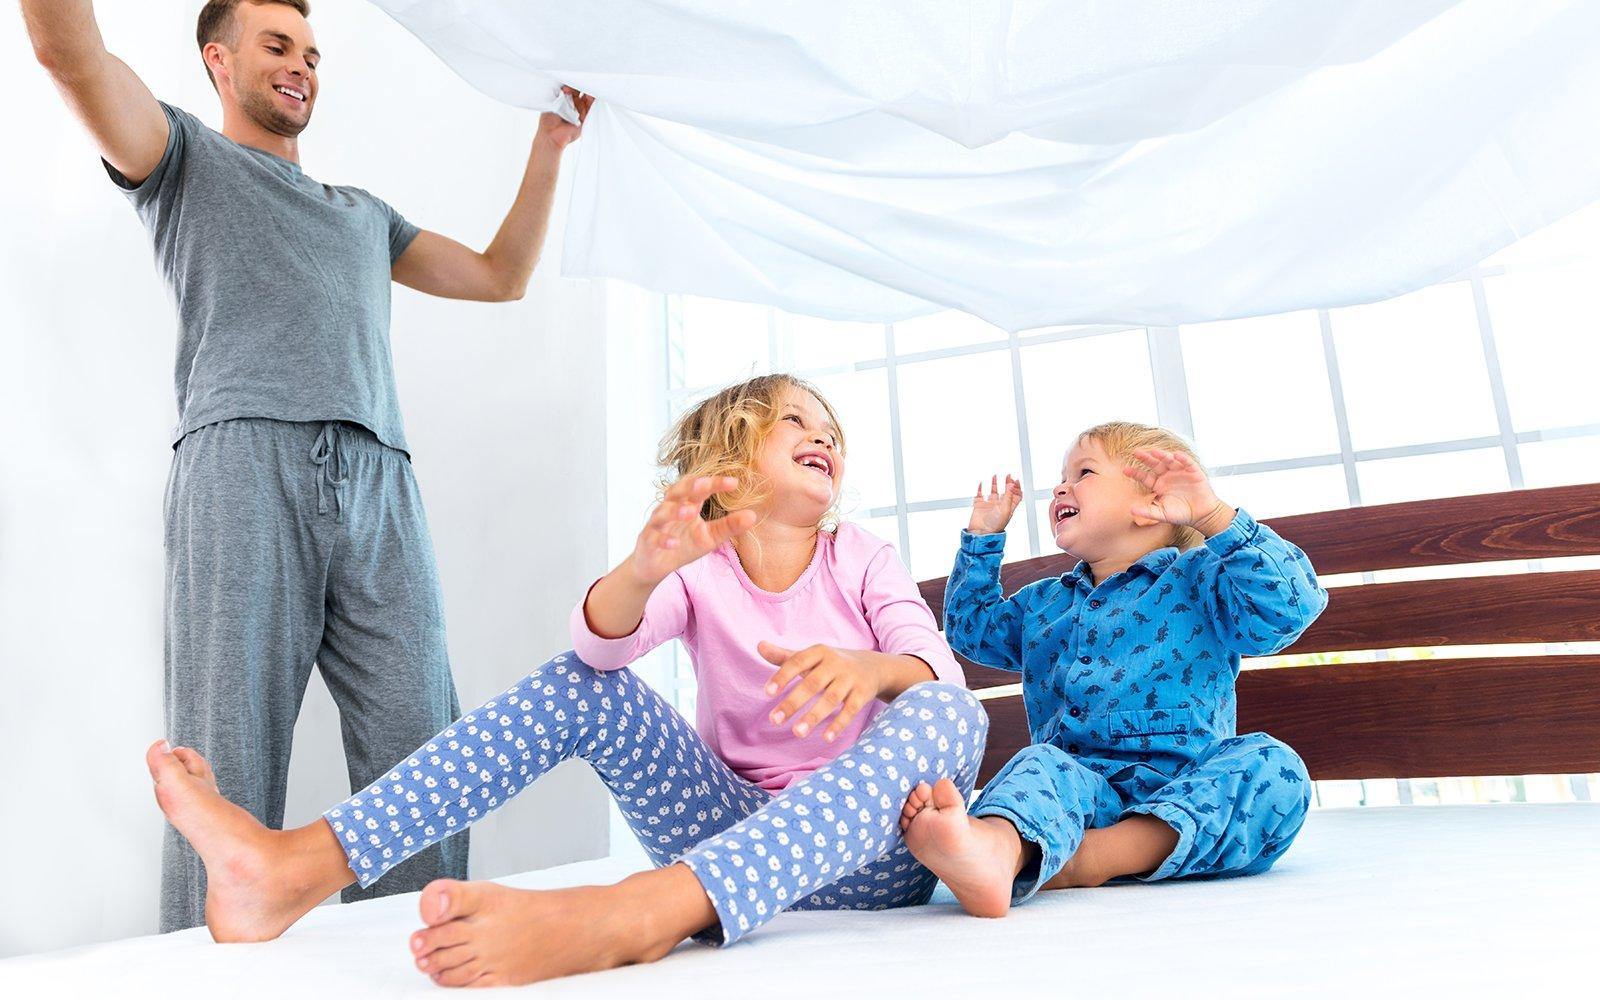 due bambini seduti sul letto e il padre che solleva un lenzuolo